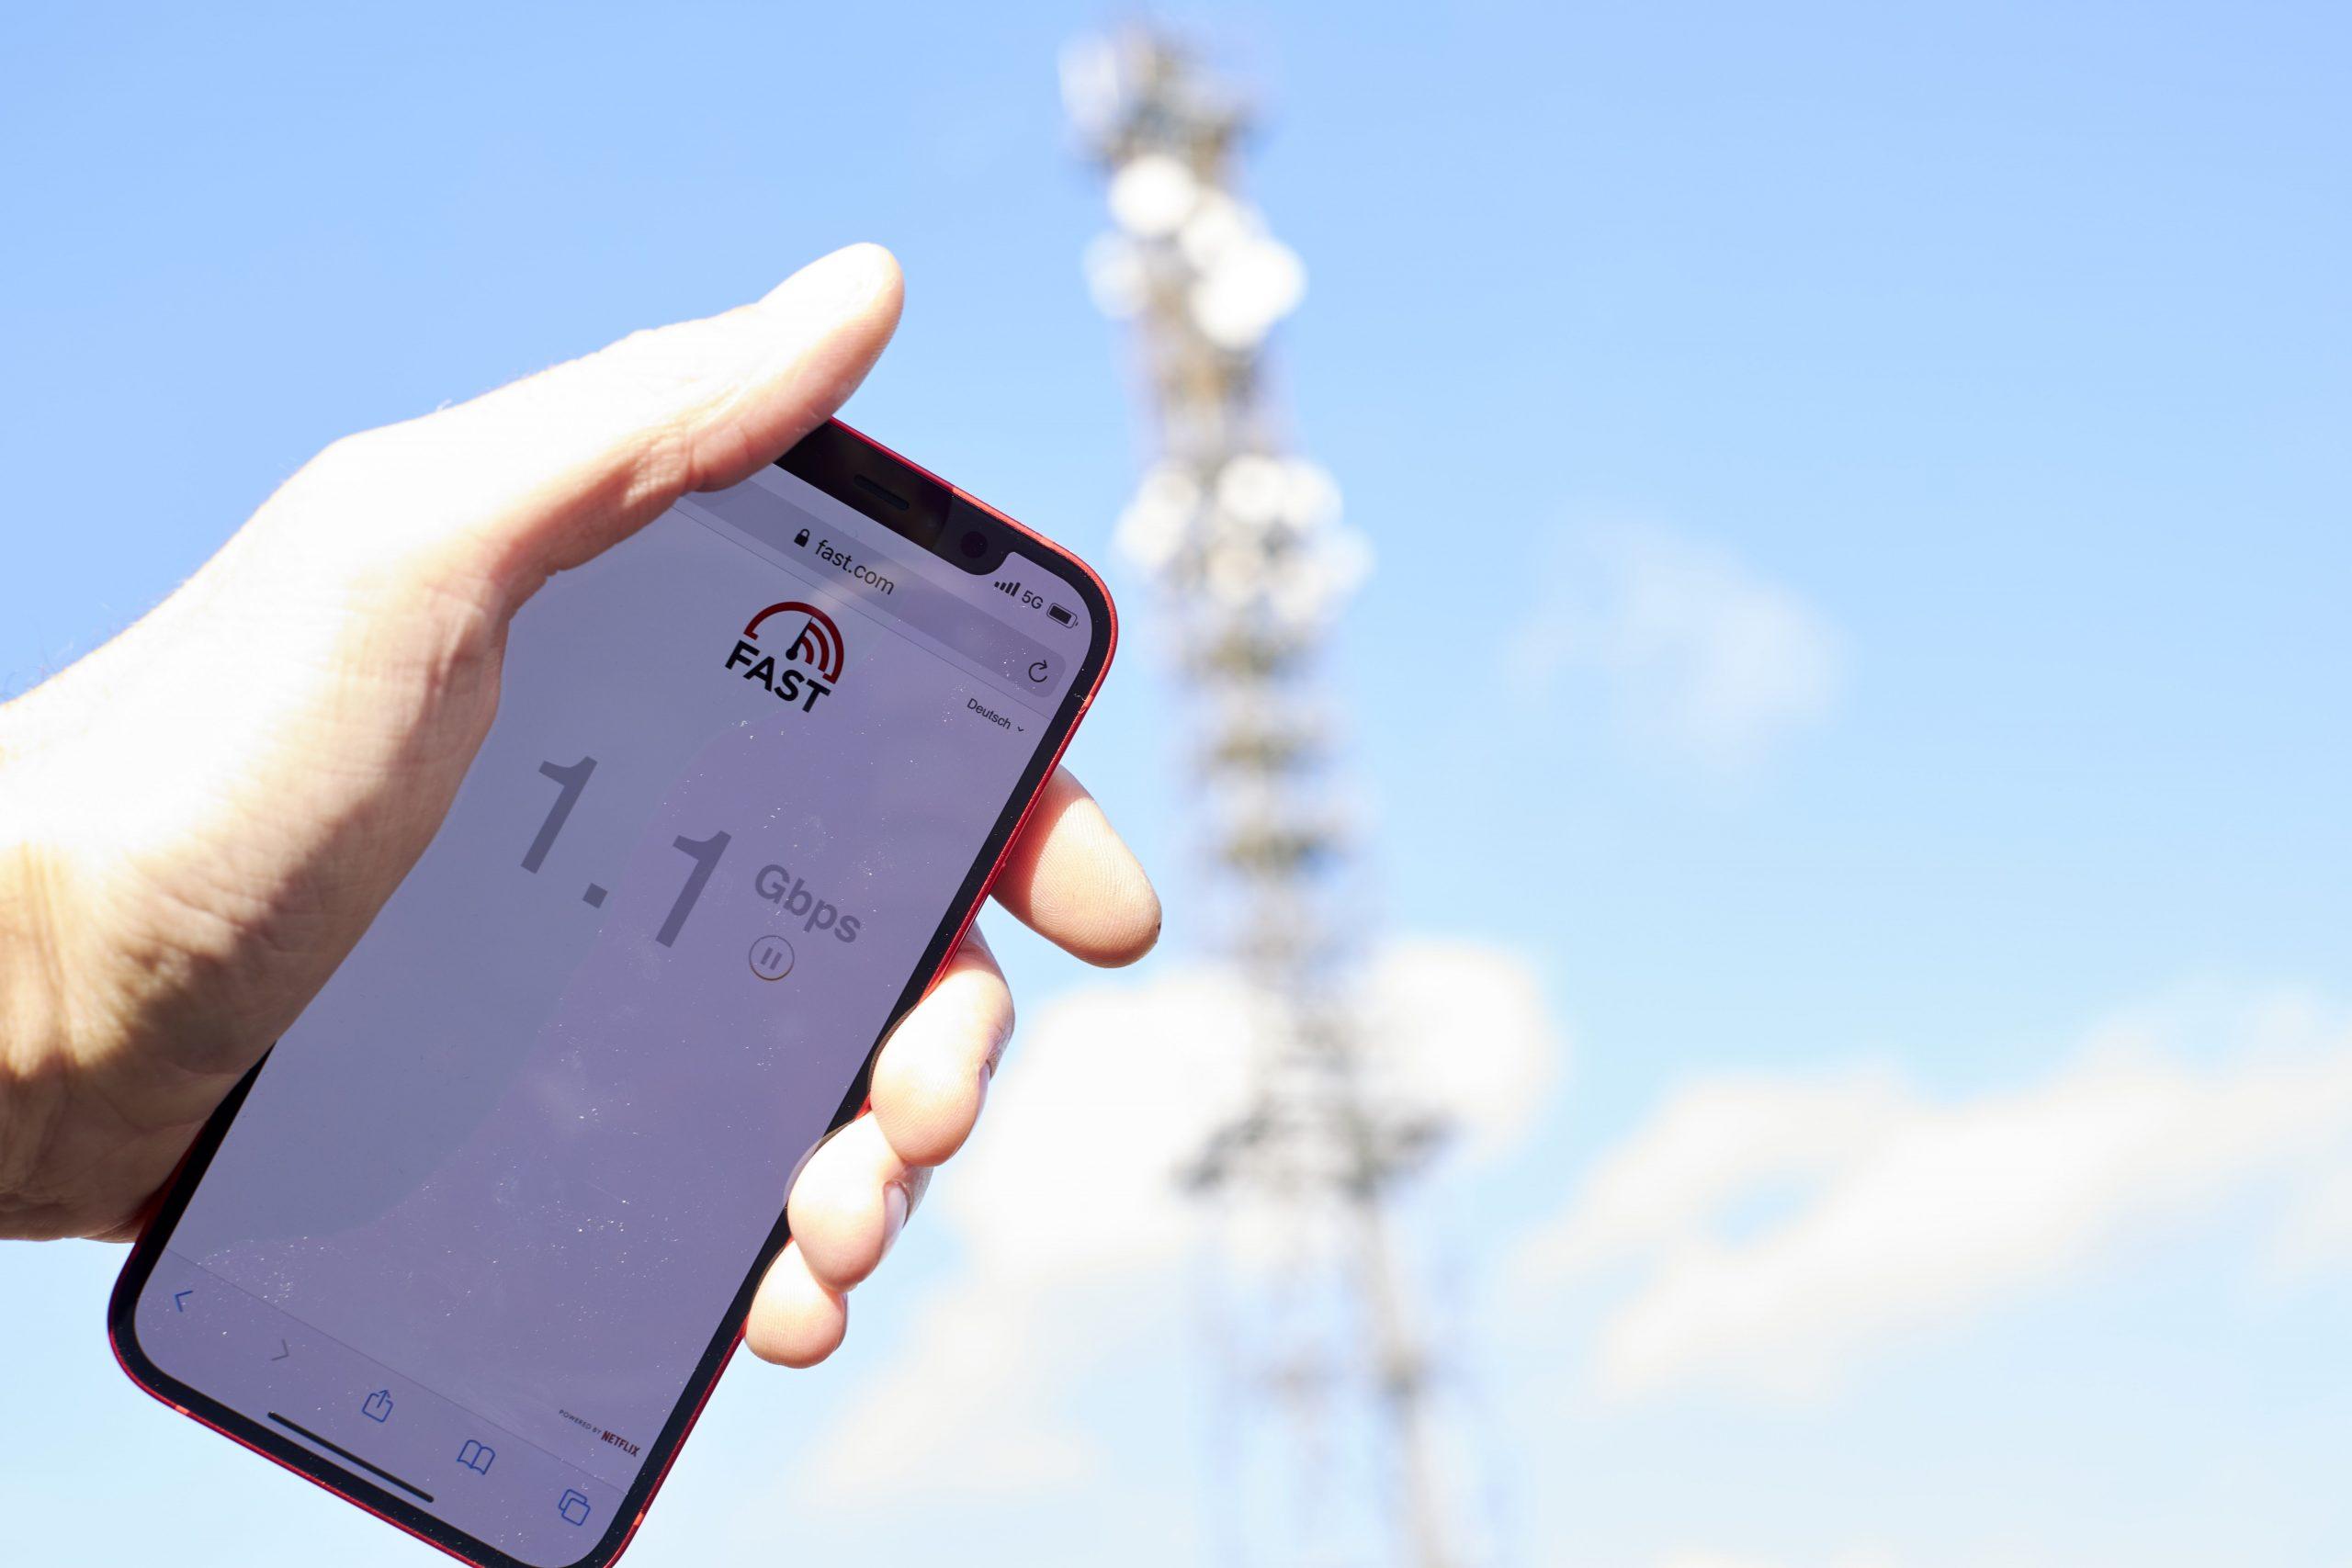 5G Ausbau Vodafone Frankfurt